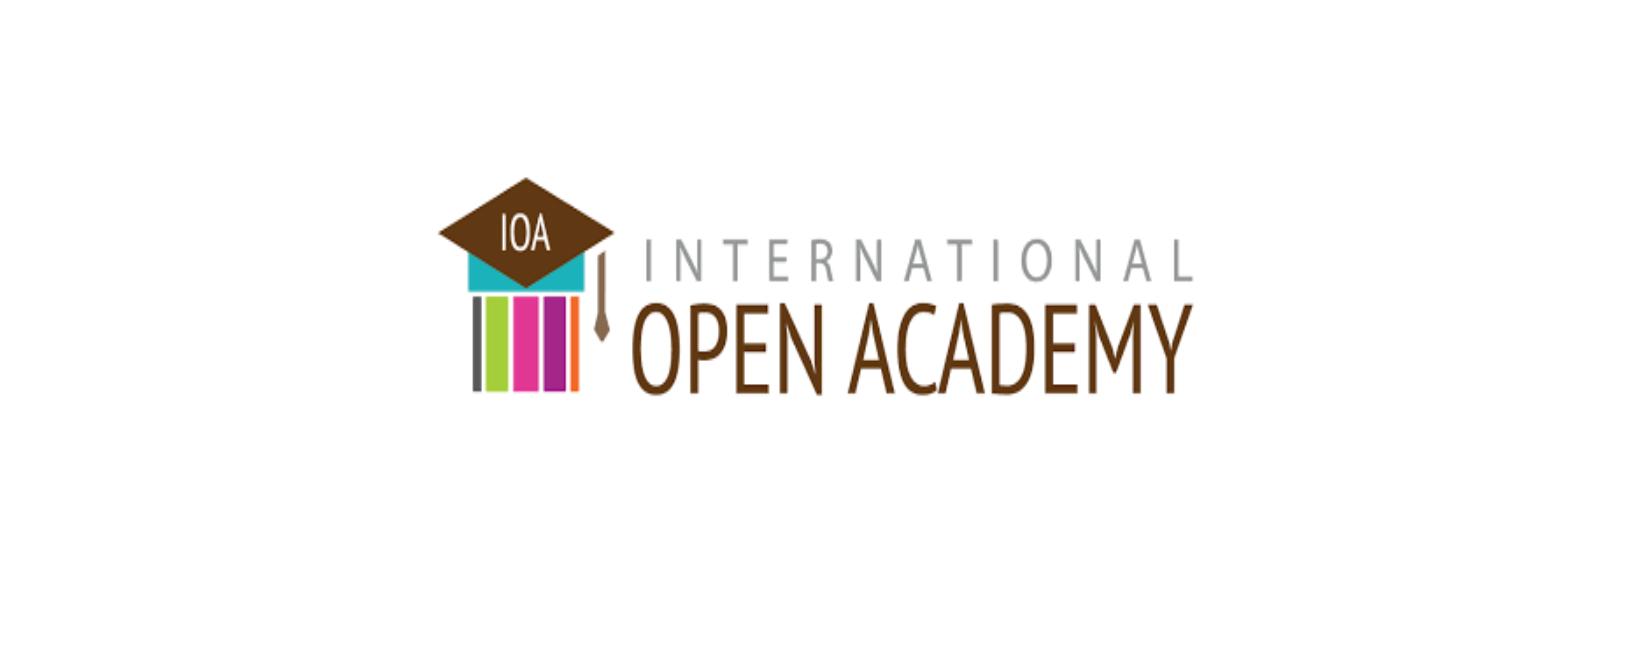 International Open Academy UK Discount Code 2021